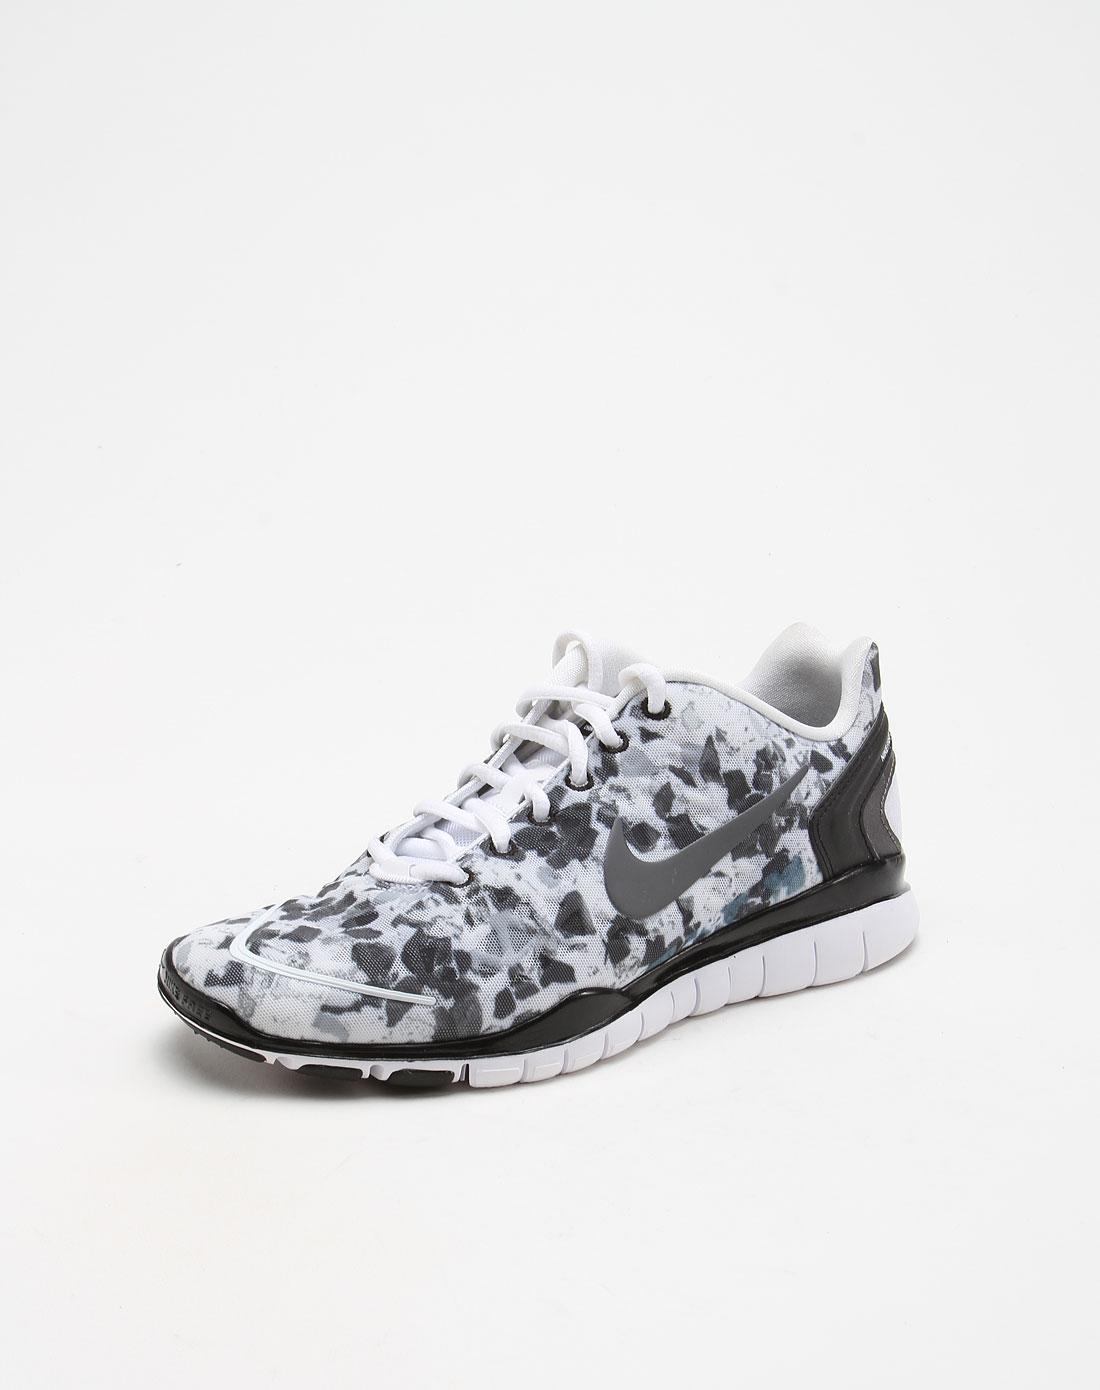 耐克nike-女鞋专场-轻便款迷彩白底灰黑色运动鞋